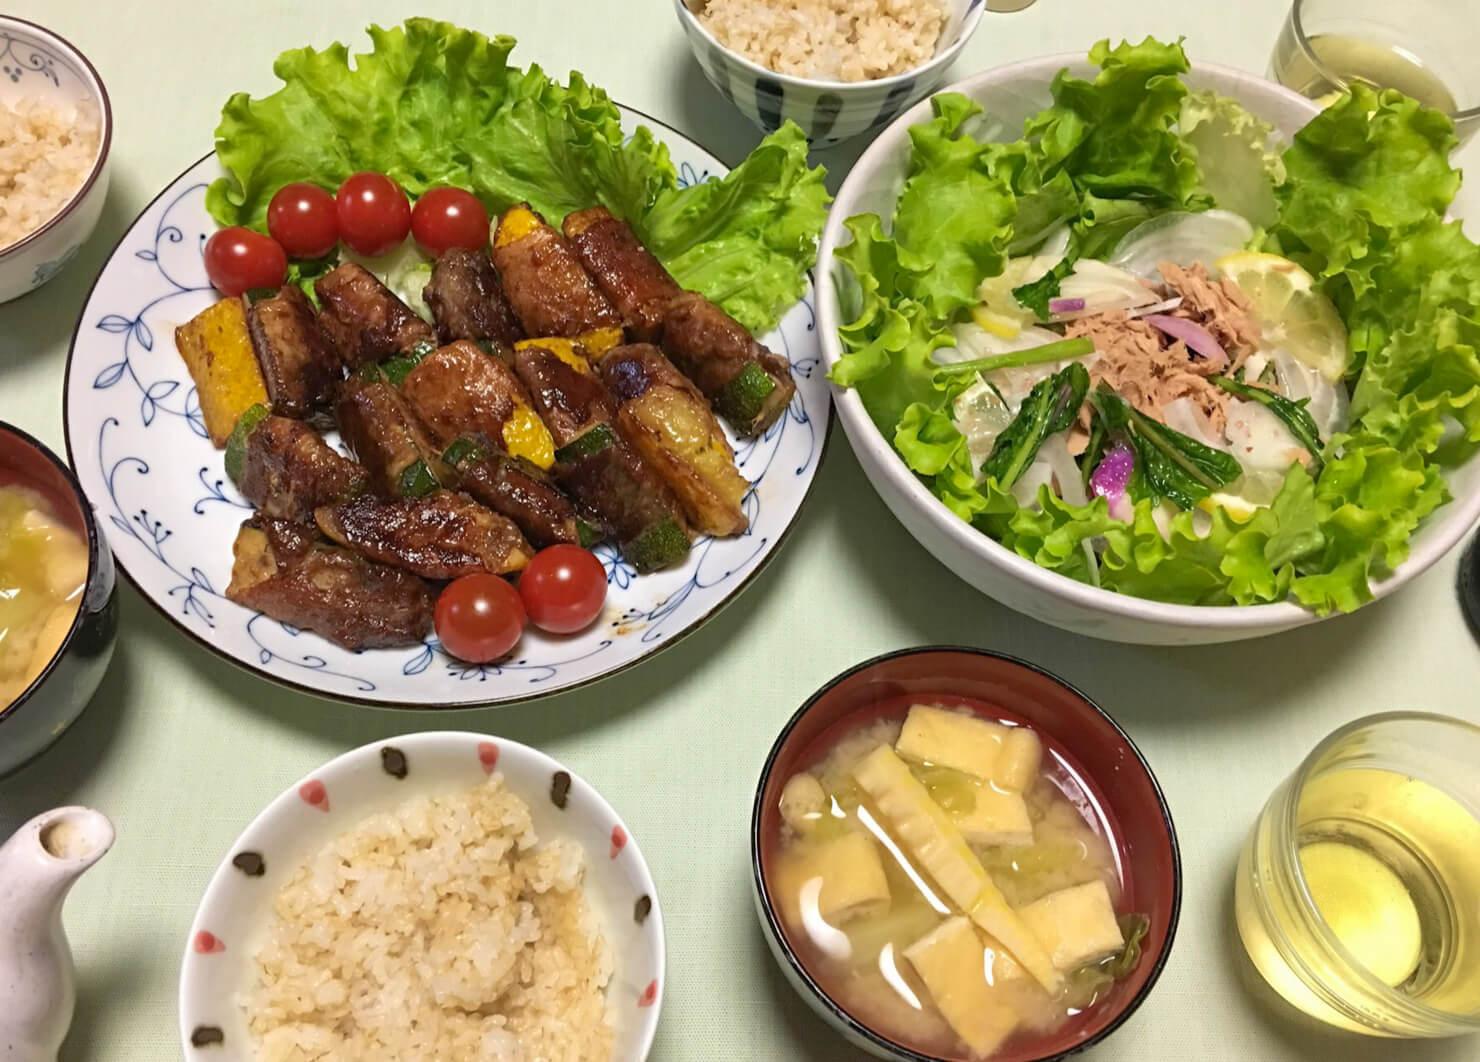 ズッキーニの肉巻中心の晩御飯の写真